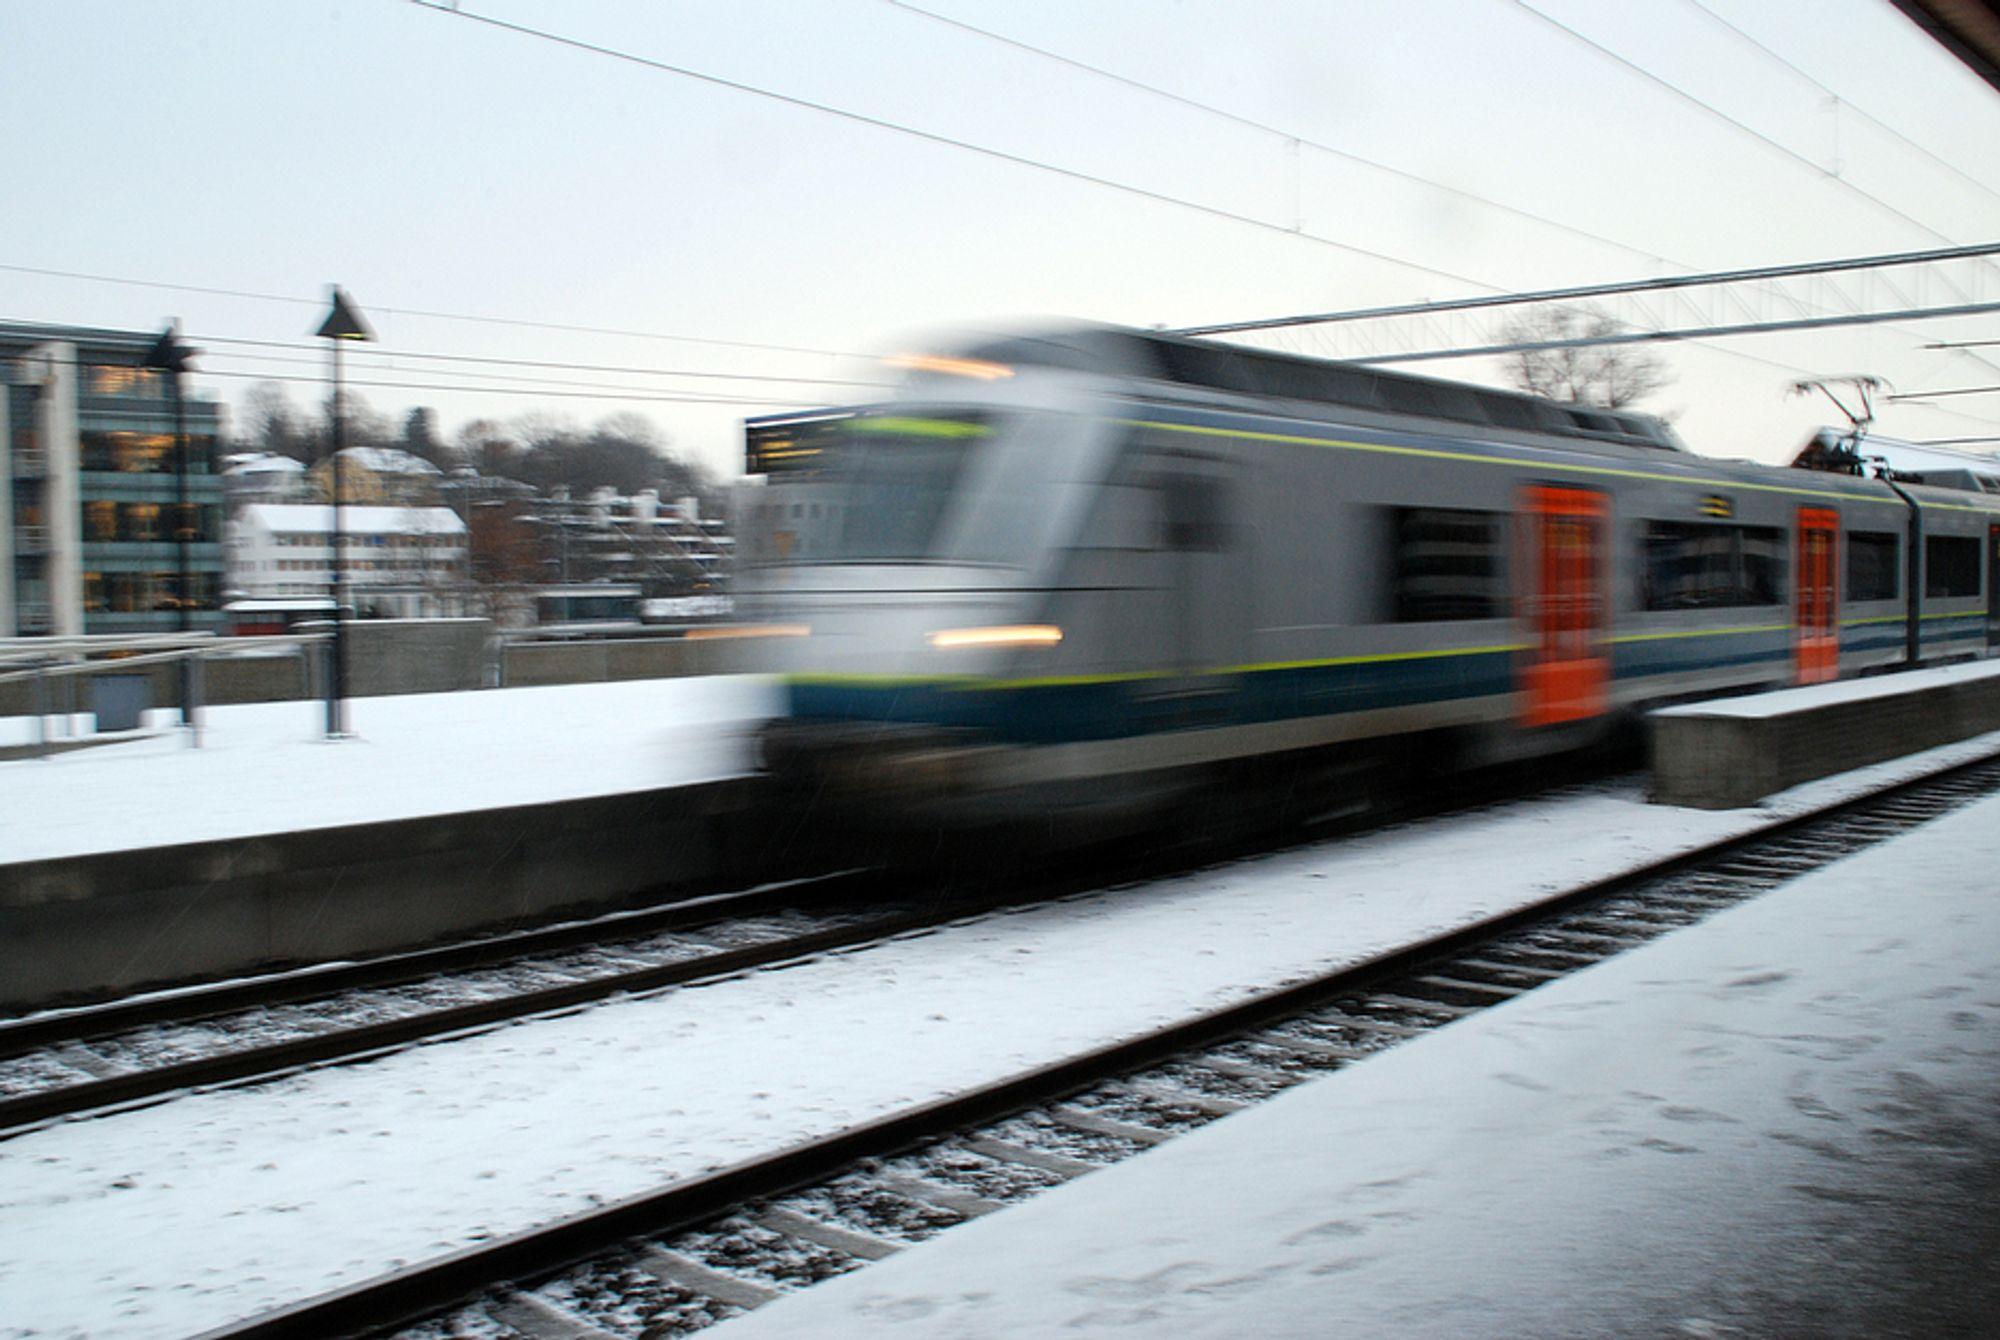 ØKT KAPASITET: Dobbeltspor på strekningen Farriseidet¿ Porsgrunn øker kapasiteten og muliggjør en eventuell framtidig sammenkobling av Vestfoldbanen og Sørlandsbanen. ILLUSTRASJONSBILDE.